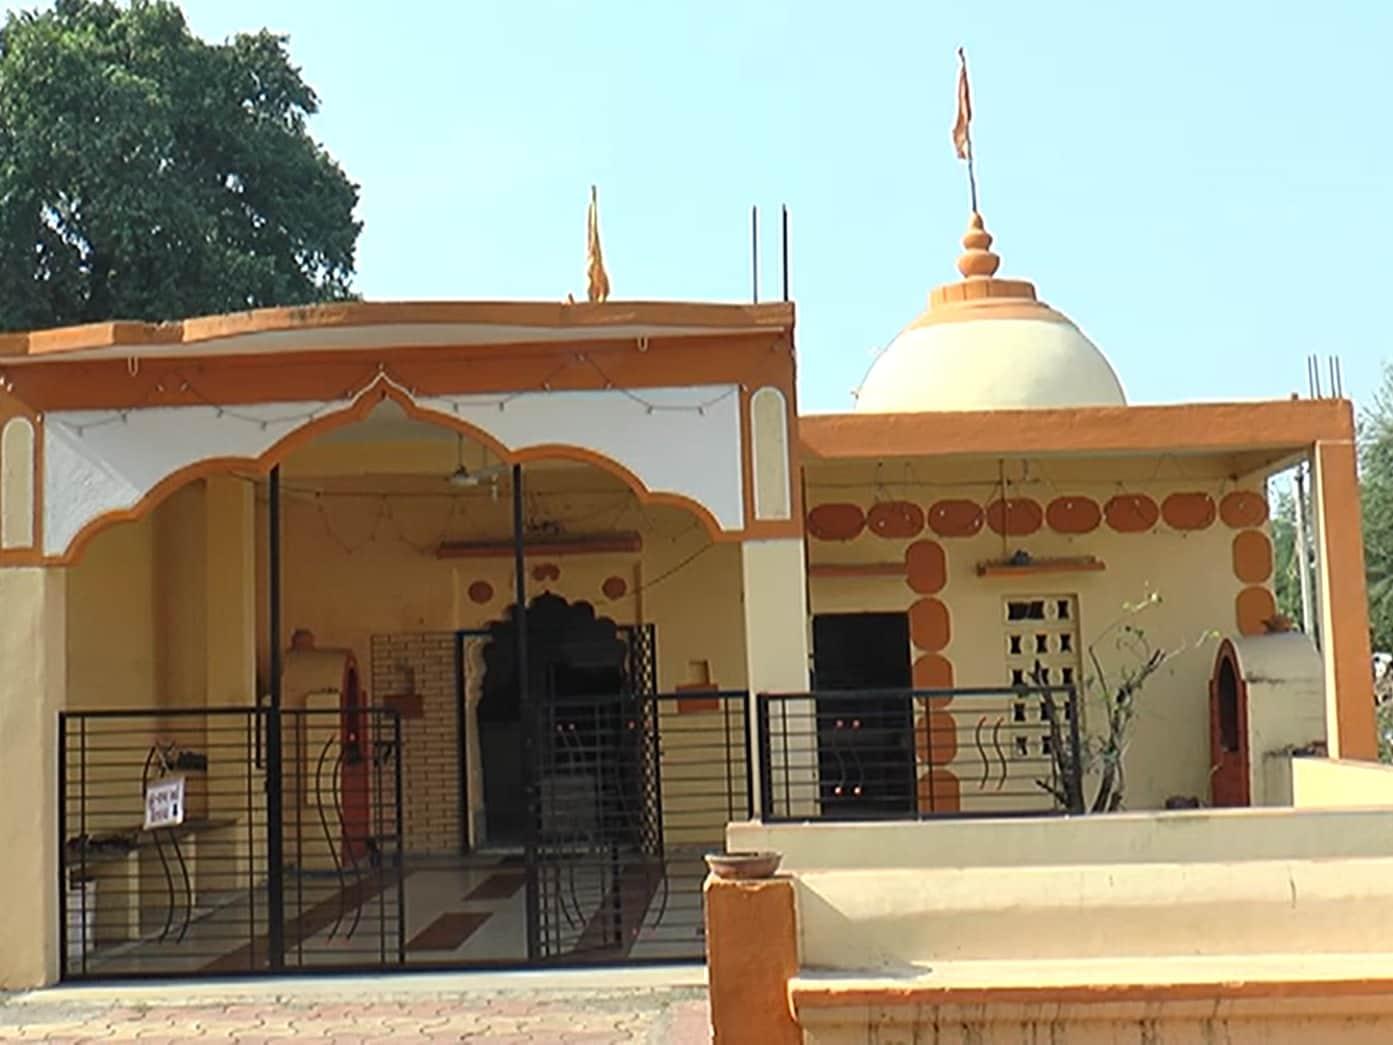 સામાન્ય રીતે પિતા પુત્રનો સંગમ એક જ પવિત્ર સ્થાને ખૂબ ઓછો જોવા મળે છે સમગ્ર ગુજરાતમાં આ એક માત્ર મંદિર હશે જ્યાં મહાદેવજીની સાથે સાથે બ્રહ્માજી અને નારદજીનો એક અનોખો સંગમ છે અને હરીશચંદ્ર મહાદેવ ના મંદિરે સાક્ષાત બિરાજેલા પિતા પુત્ર તમામ ભક્તો ની મનોકામના પૂર્ણ કરતા હોય છે જેથી લોકોની ખાસ આસ્થા પણ આ મંદિર સાથે જોડાયેલી છે.